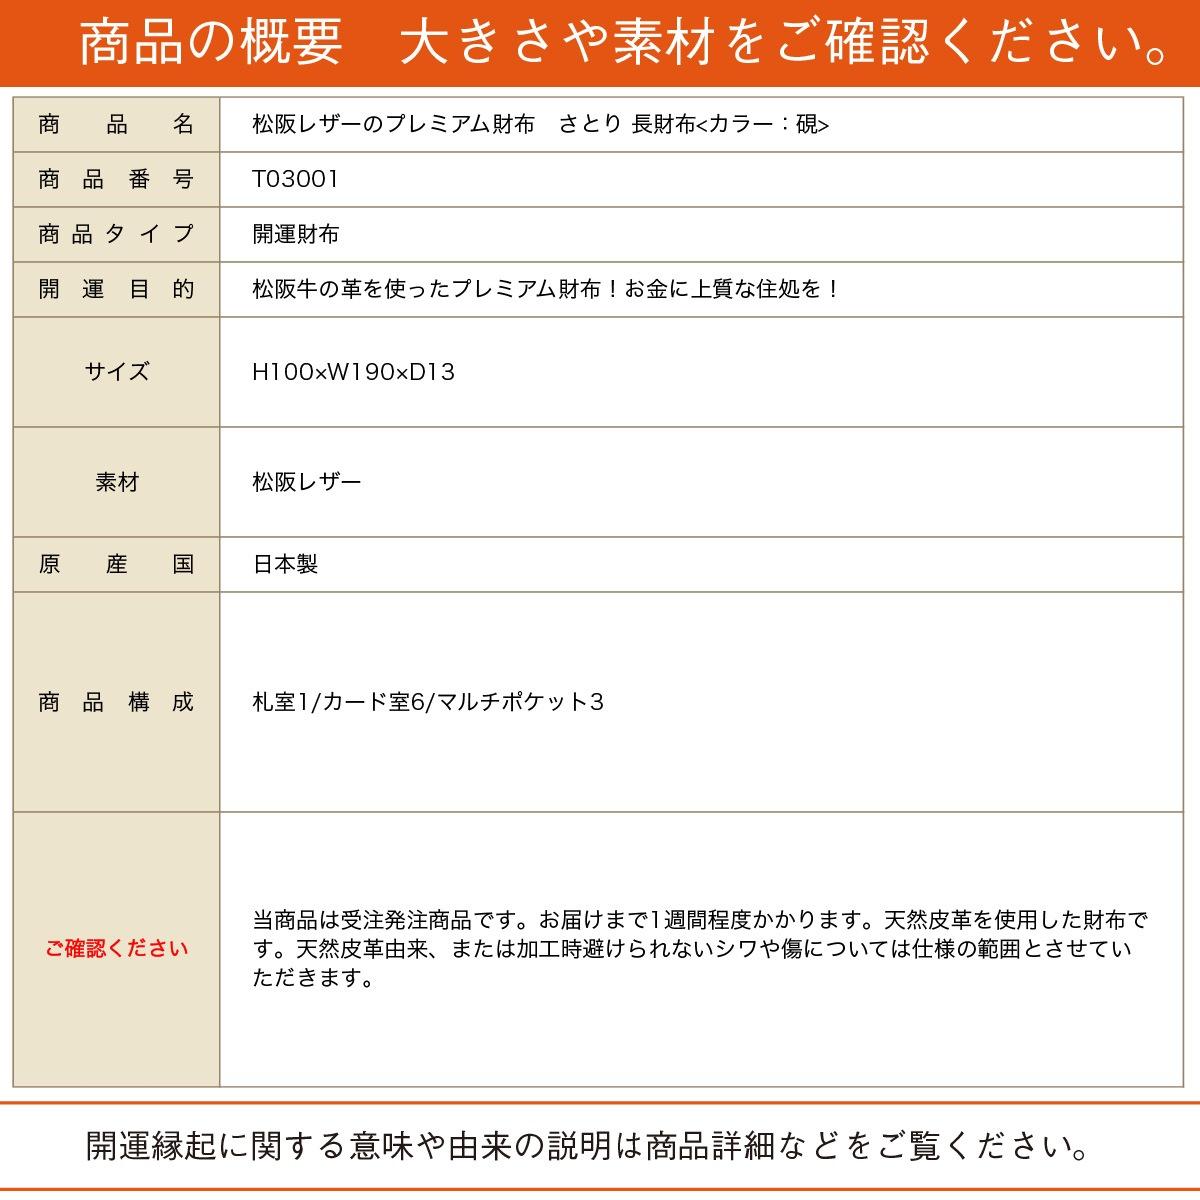 松阪レザーのプレミアム財布 さとり 長財布 【カラー:硯】